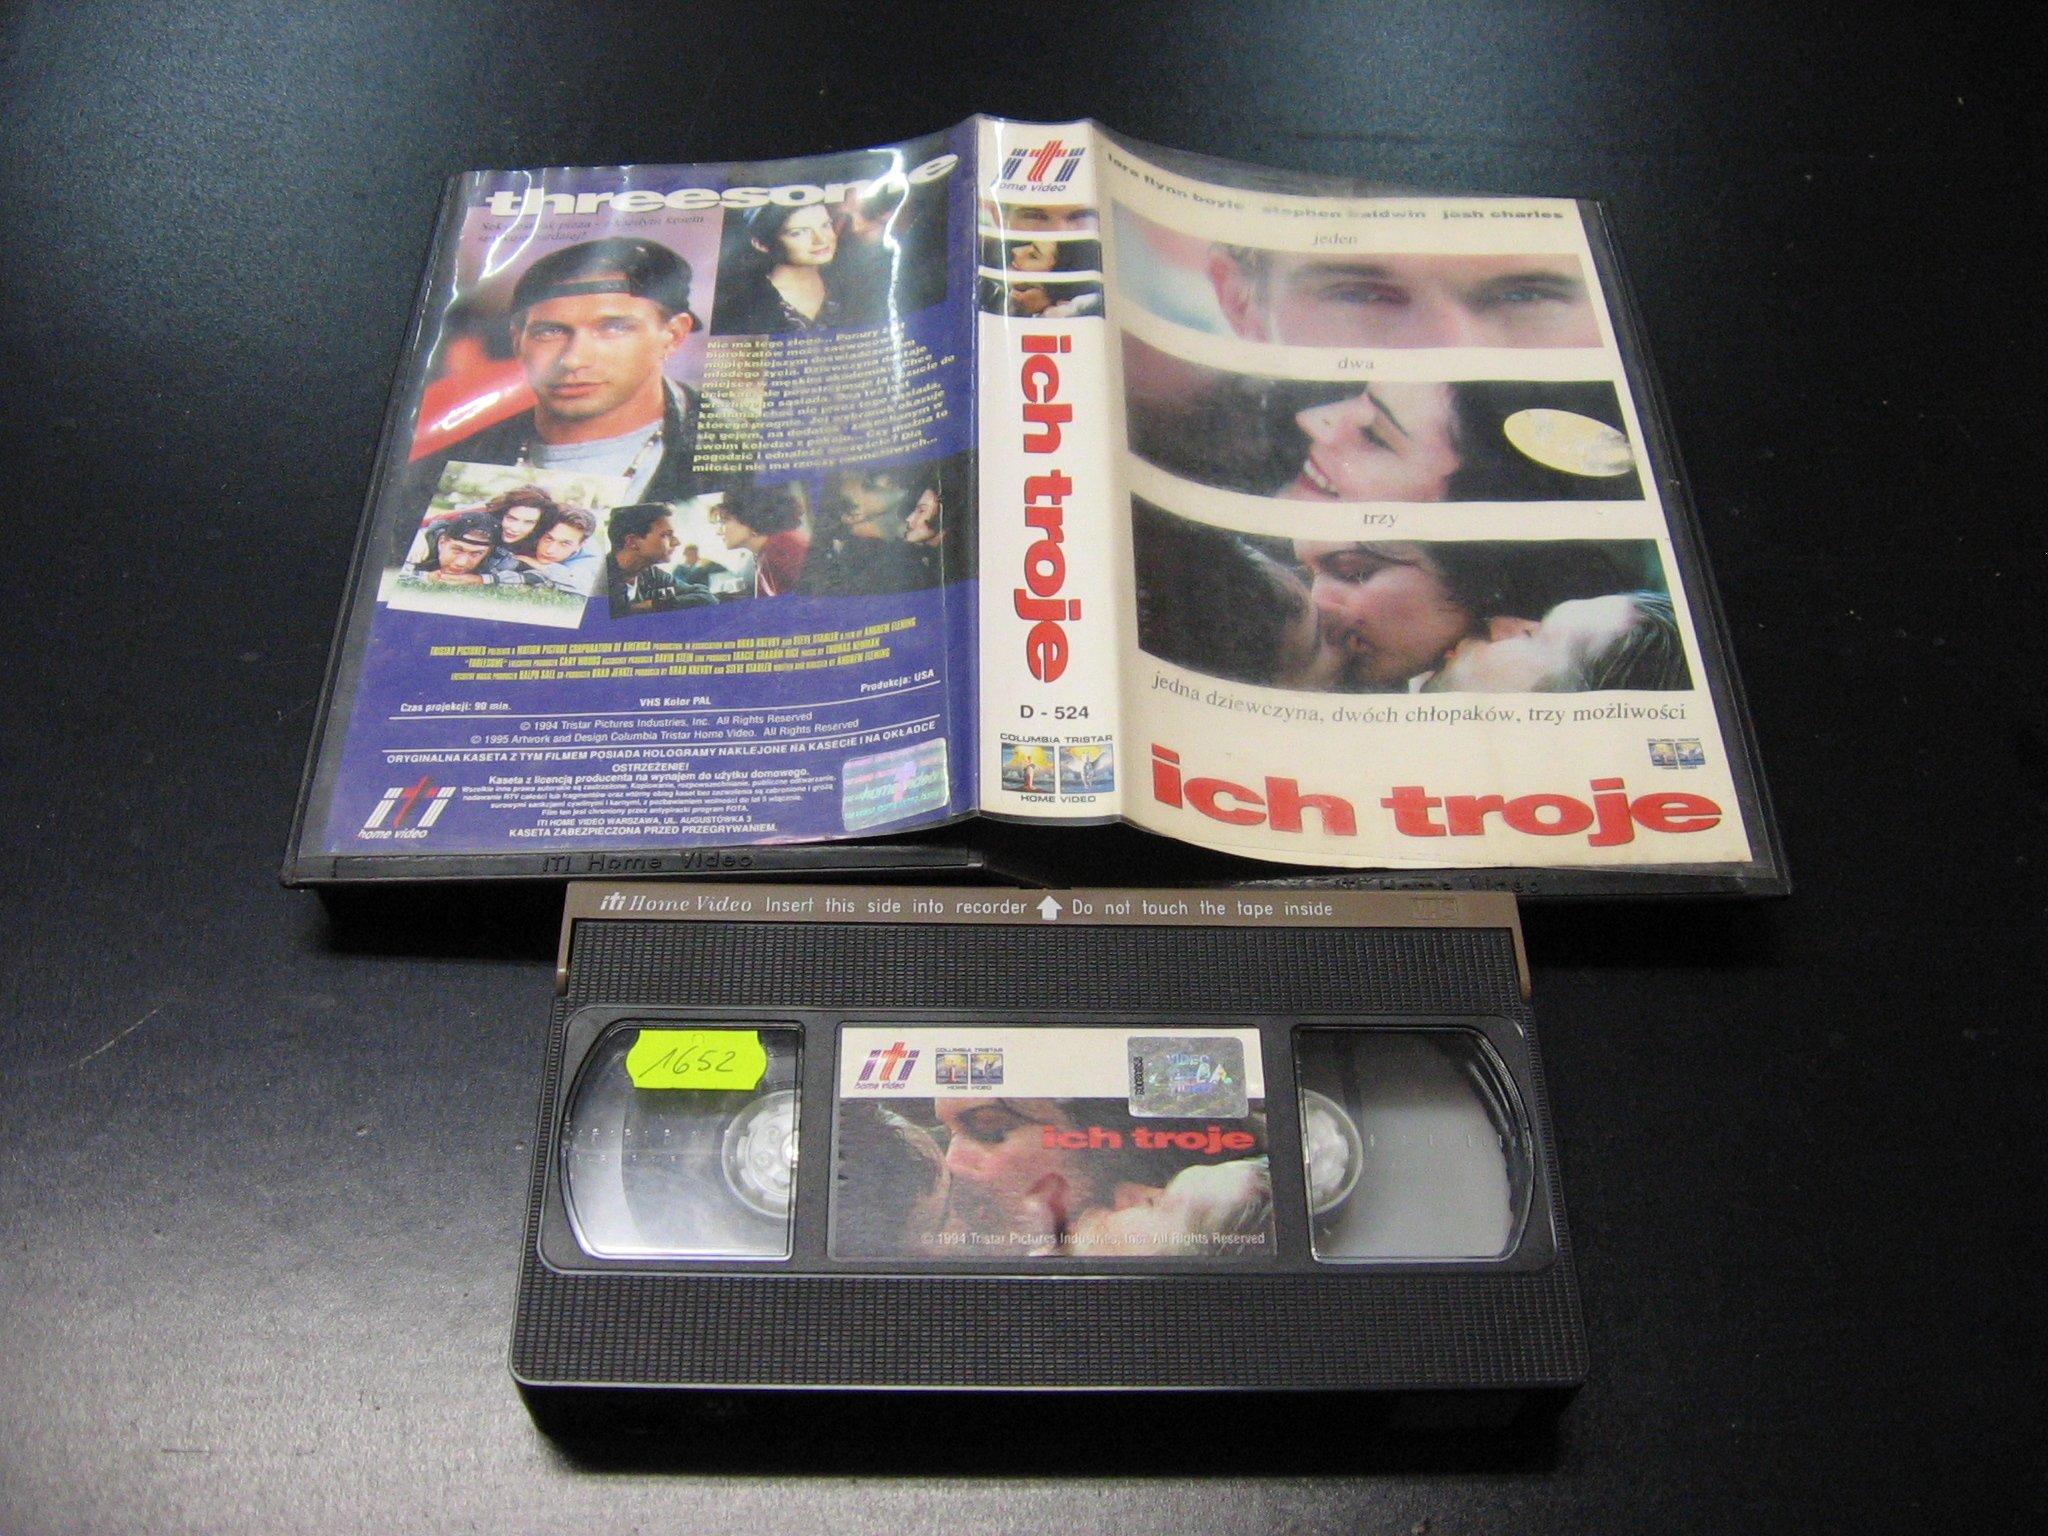 ICH TROJE -  kaseta VHS - 0993 Opole - AlleOpole.pl